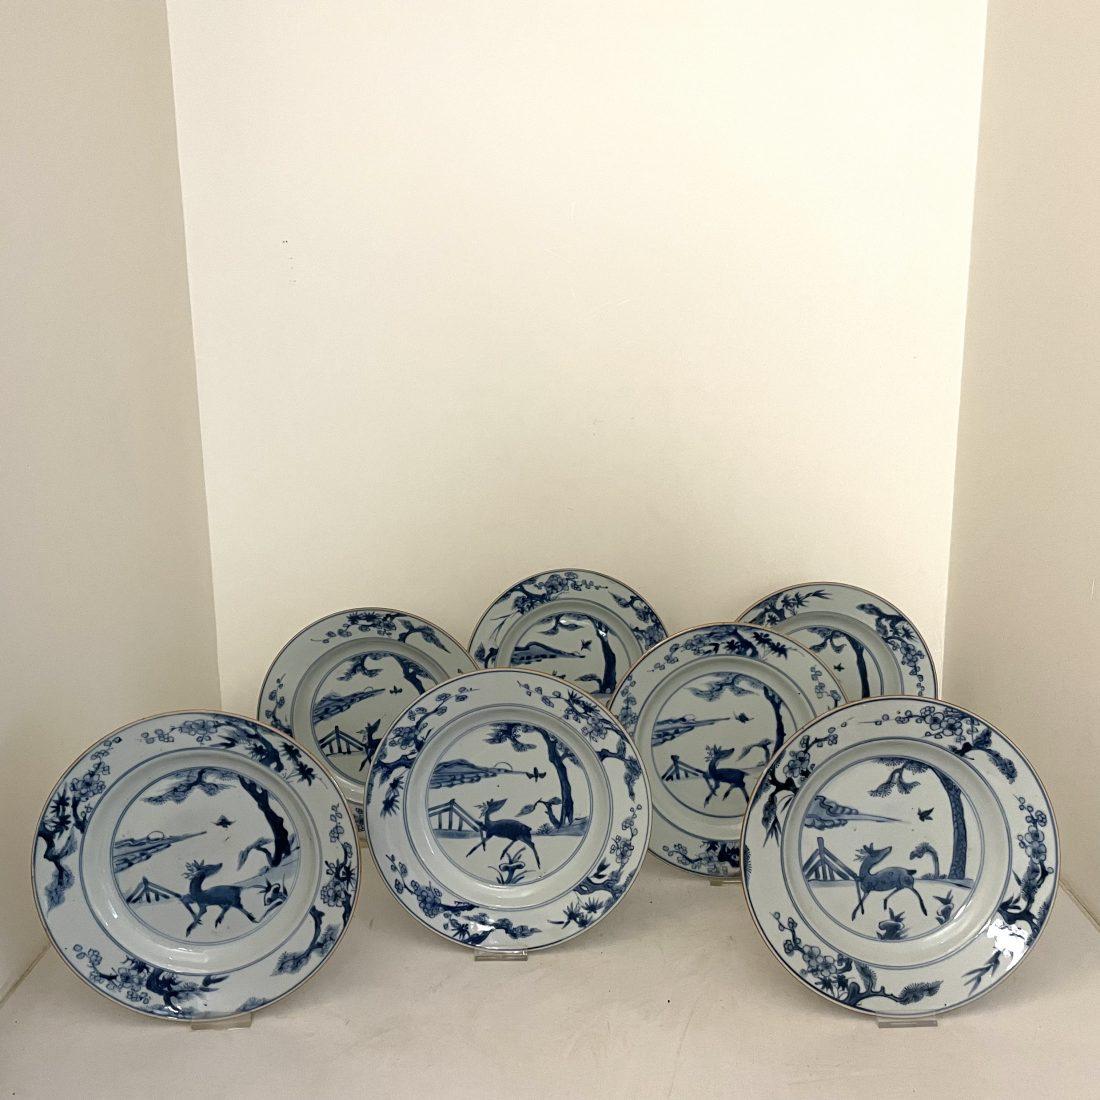 Een zeven-tal porseleinen borden met een staand hertje, China, 18e eeuw